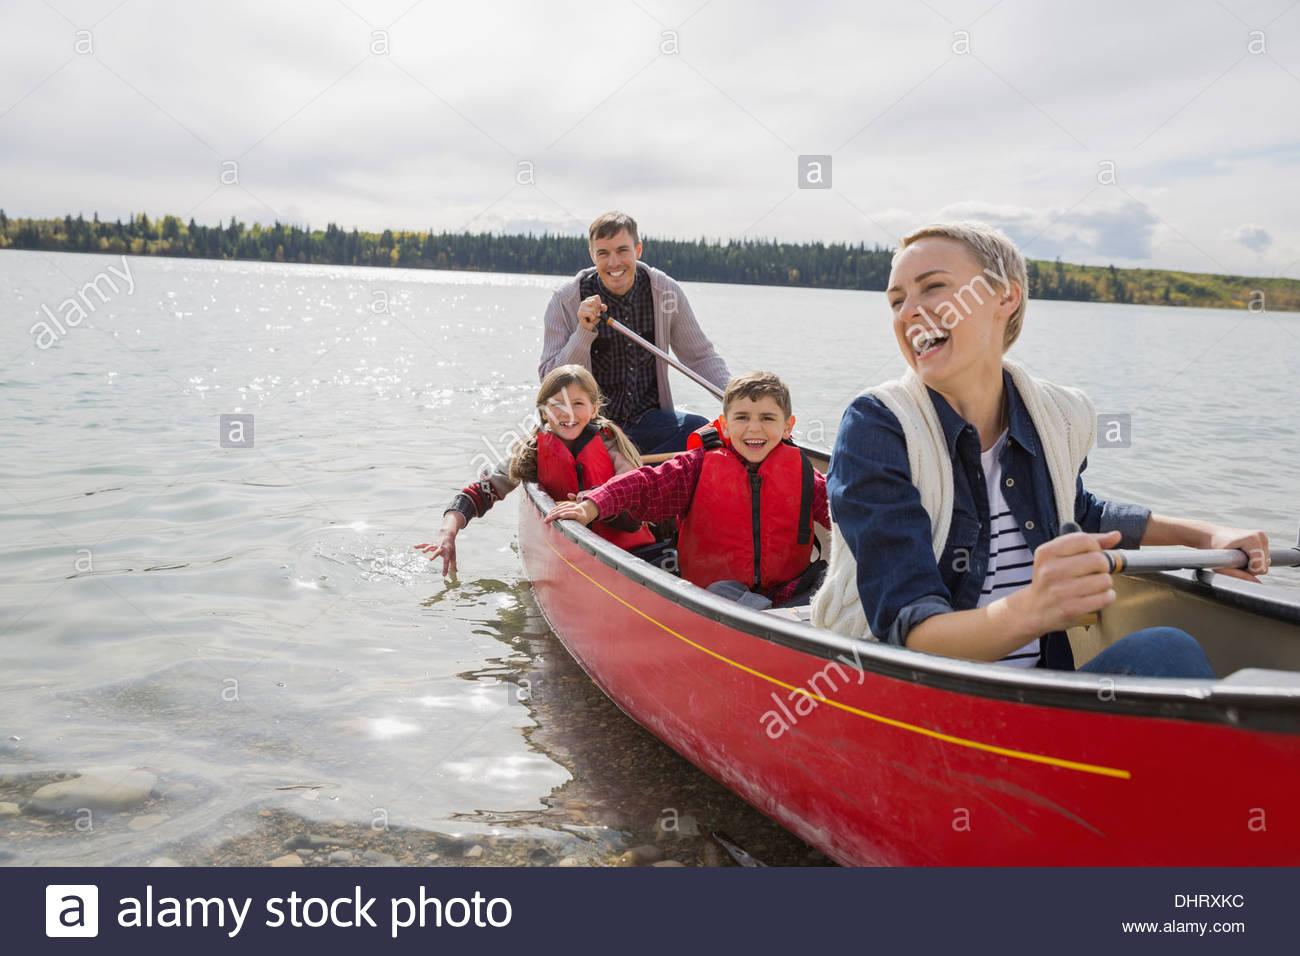 Familia Feliz canotaje en el lago Imagen De Stock